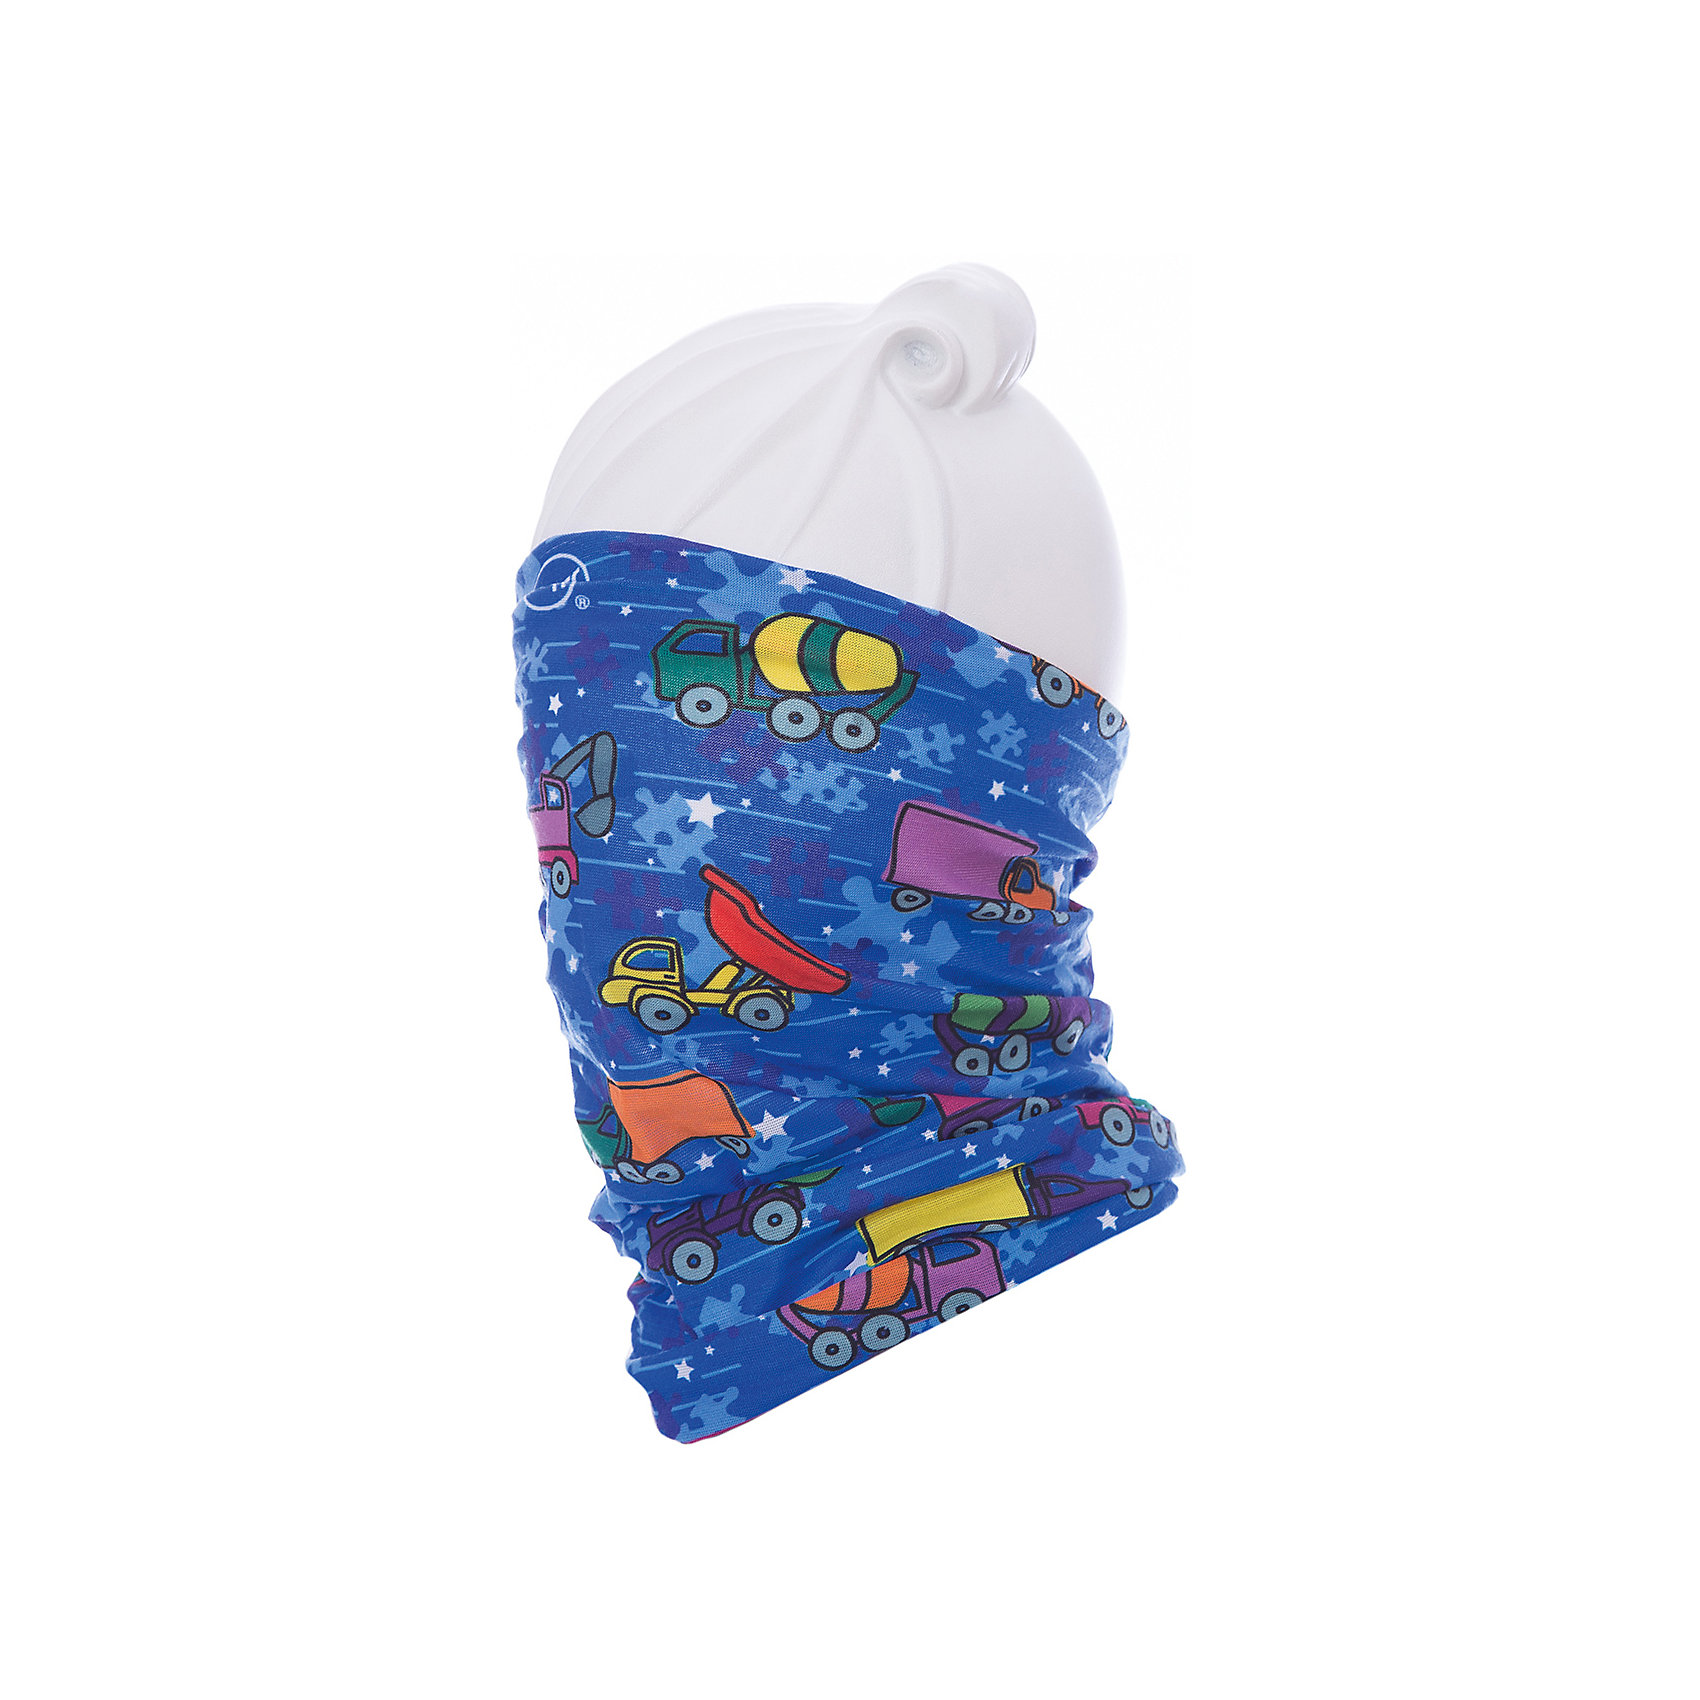 Бандана BUFFБандана BUFF <br>Бесшовная бандана-труба из специальной серии Original BUFF. Original BUFF - самый популярный универсальный головной убор из всех серий. <br><br>Сделан из микрофибры - защищает от ветра, пыли, влаги и ультрафиолета. Контролирует микроклимат в холодную и теплую погоду, отводит влагу. Ткань обработана ионами серебра, обеспечивающими длительный антибактериальный эффект и предотвращающими появление запаха. Допускается машинная и ручная стирка при 30-40градусах. Материал не теряет цвет и эластичность, не требует глажки. <br><br>Original BUFF можно носить на шее и на голове, как шейный платок, маску, бандану, шапку и подшлемник. <br><br>Свойства материала позволяют использовать бандану Original BUFF в любое время года, при занятиях любым видом спорта, активного отдыха, туризма или рыбалки.<br>Состав:<br>Полиэстер 100%<br><br>Ширина мм: 89<br>Глубина мм: 117<br>Высота мм: 44<br>Вес г: 155<br>Цвет: голубой<br>Возраст от месяцев: 84<br>Возраст до месяцев: 1188<br>Пол: Унисекс<br>Возраст: Детский<br>Размер: one size<br>SKU: 5568621